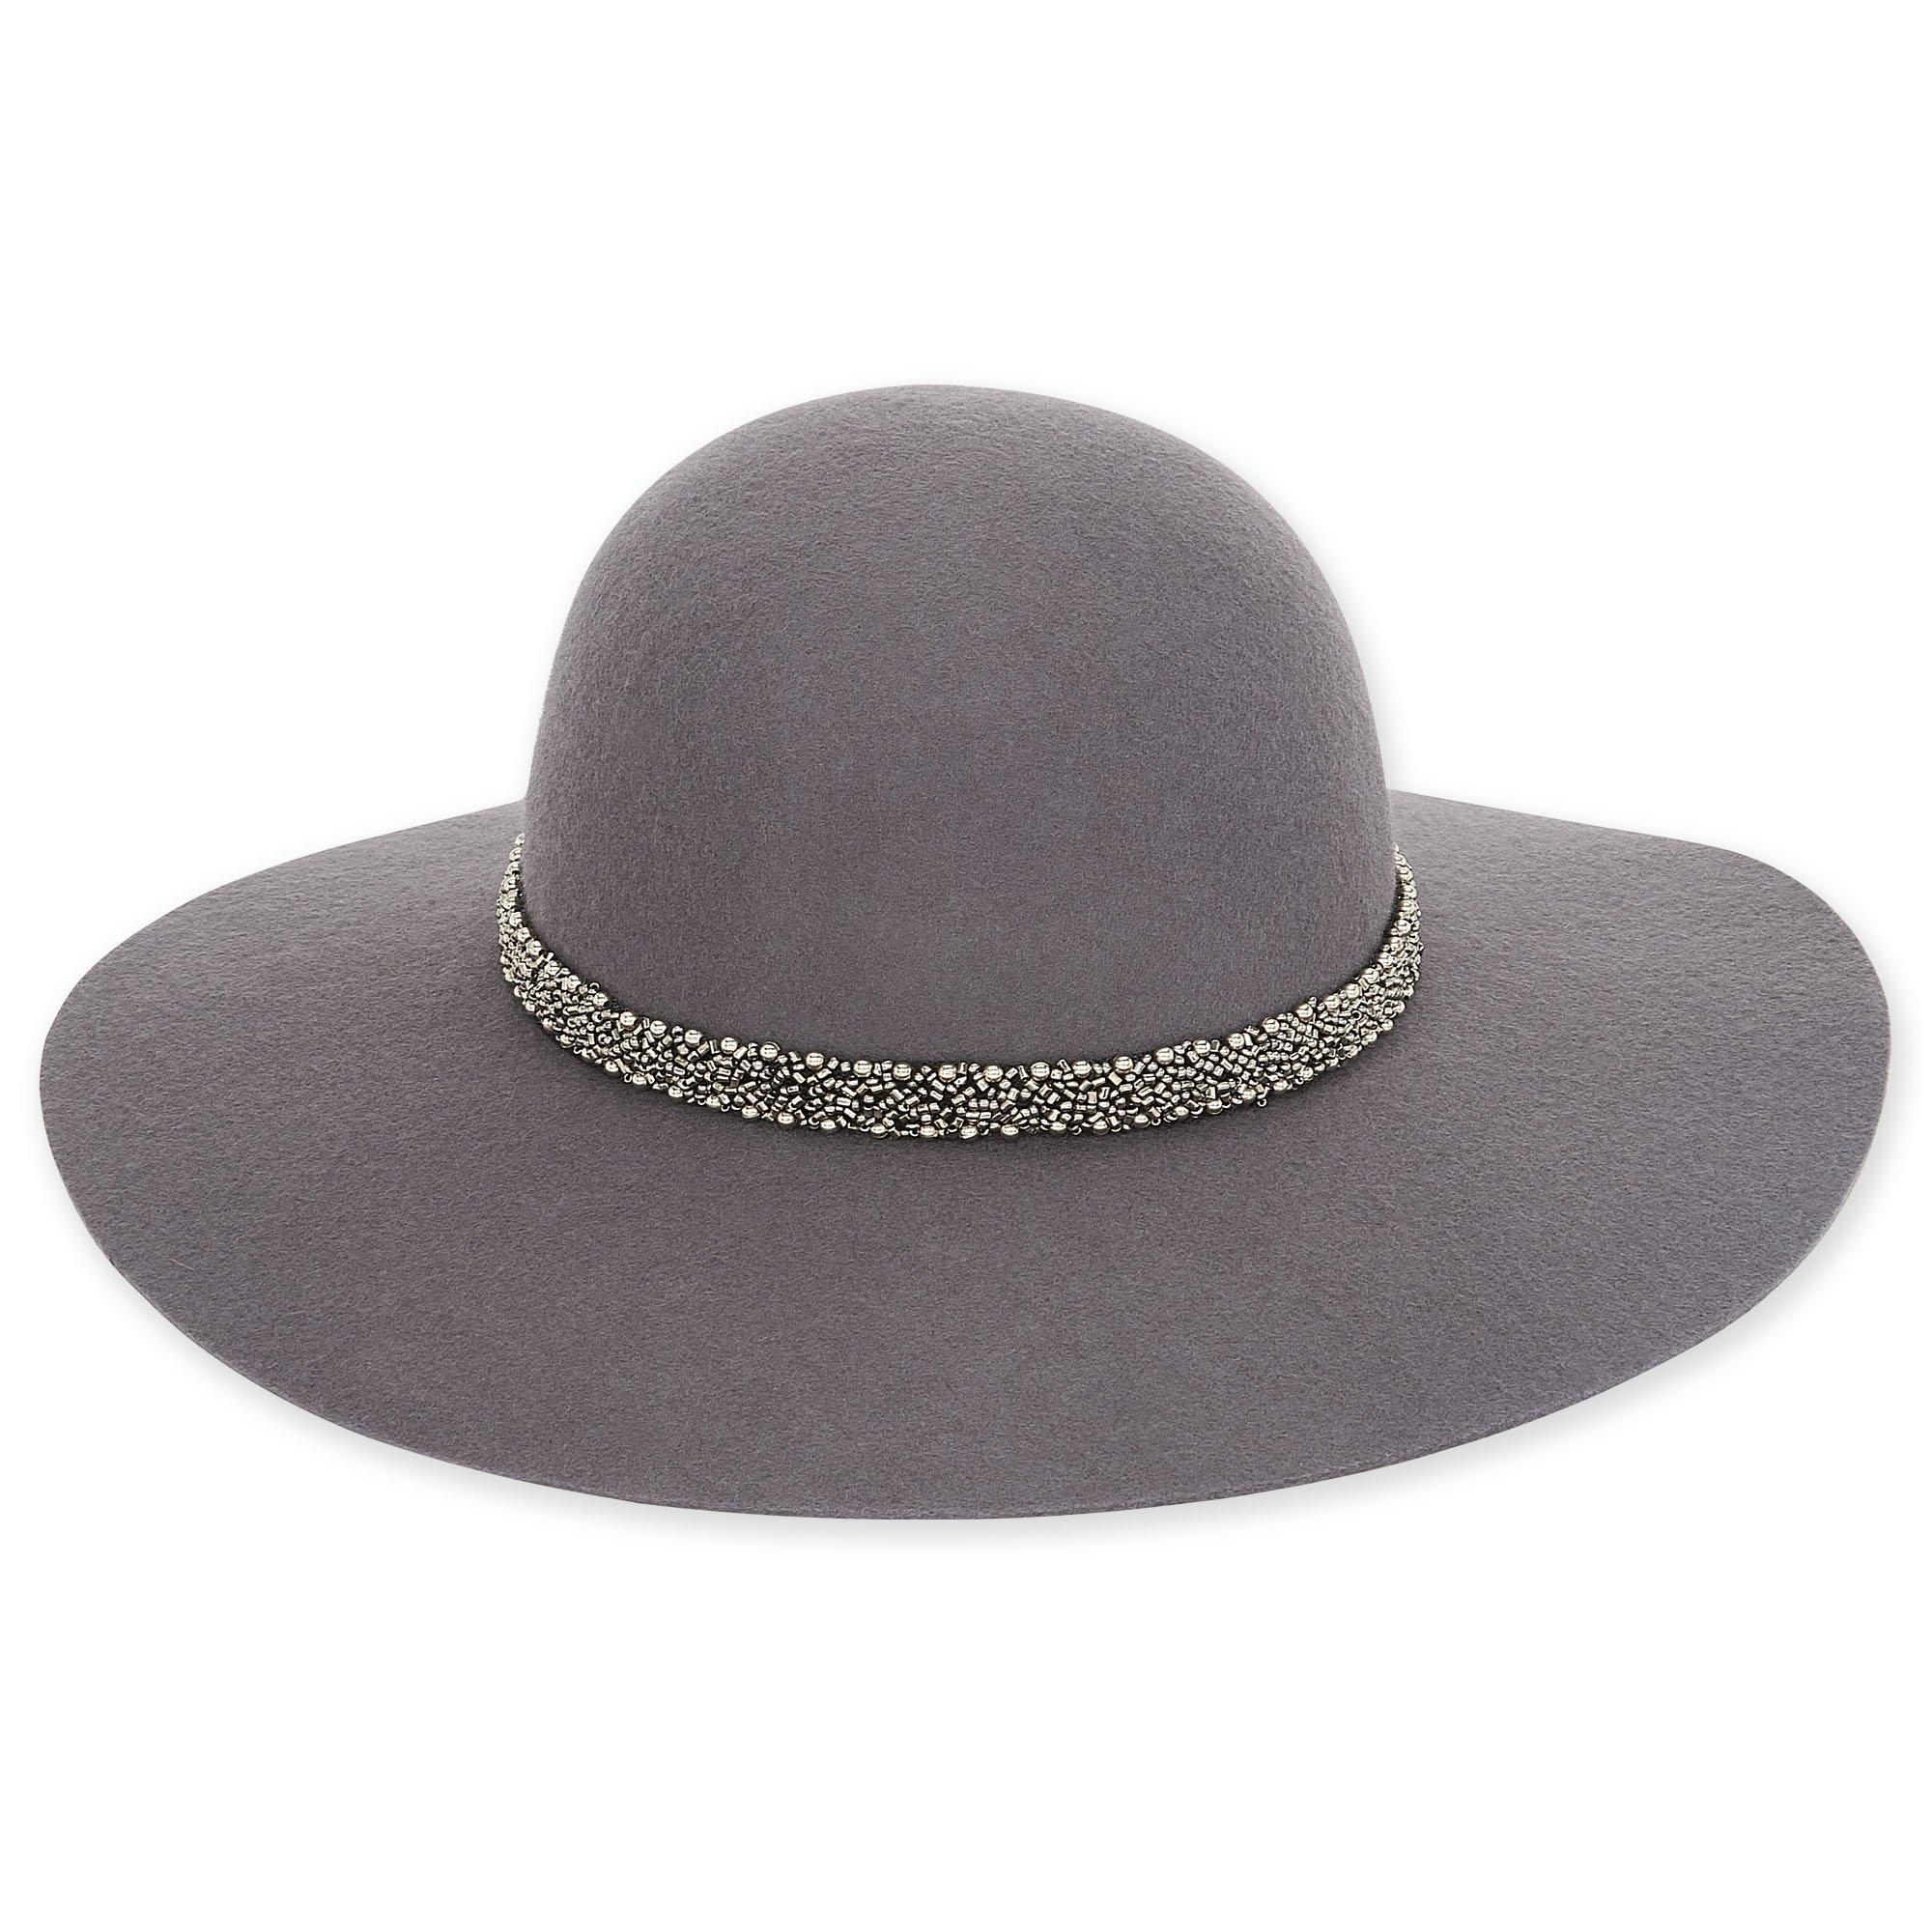 Adora Hats Wool Felt Floppy Hat (Grey)